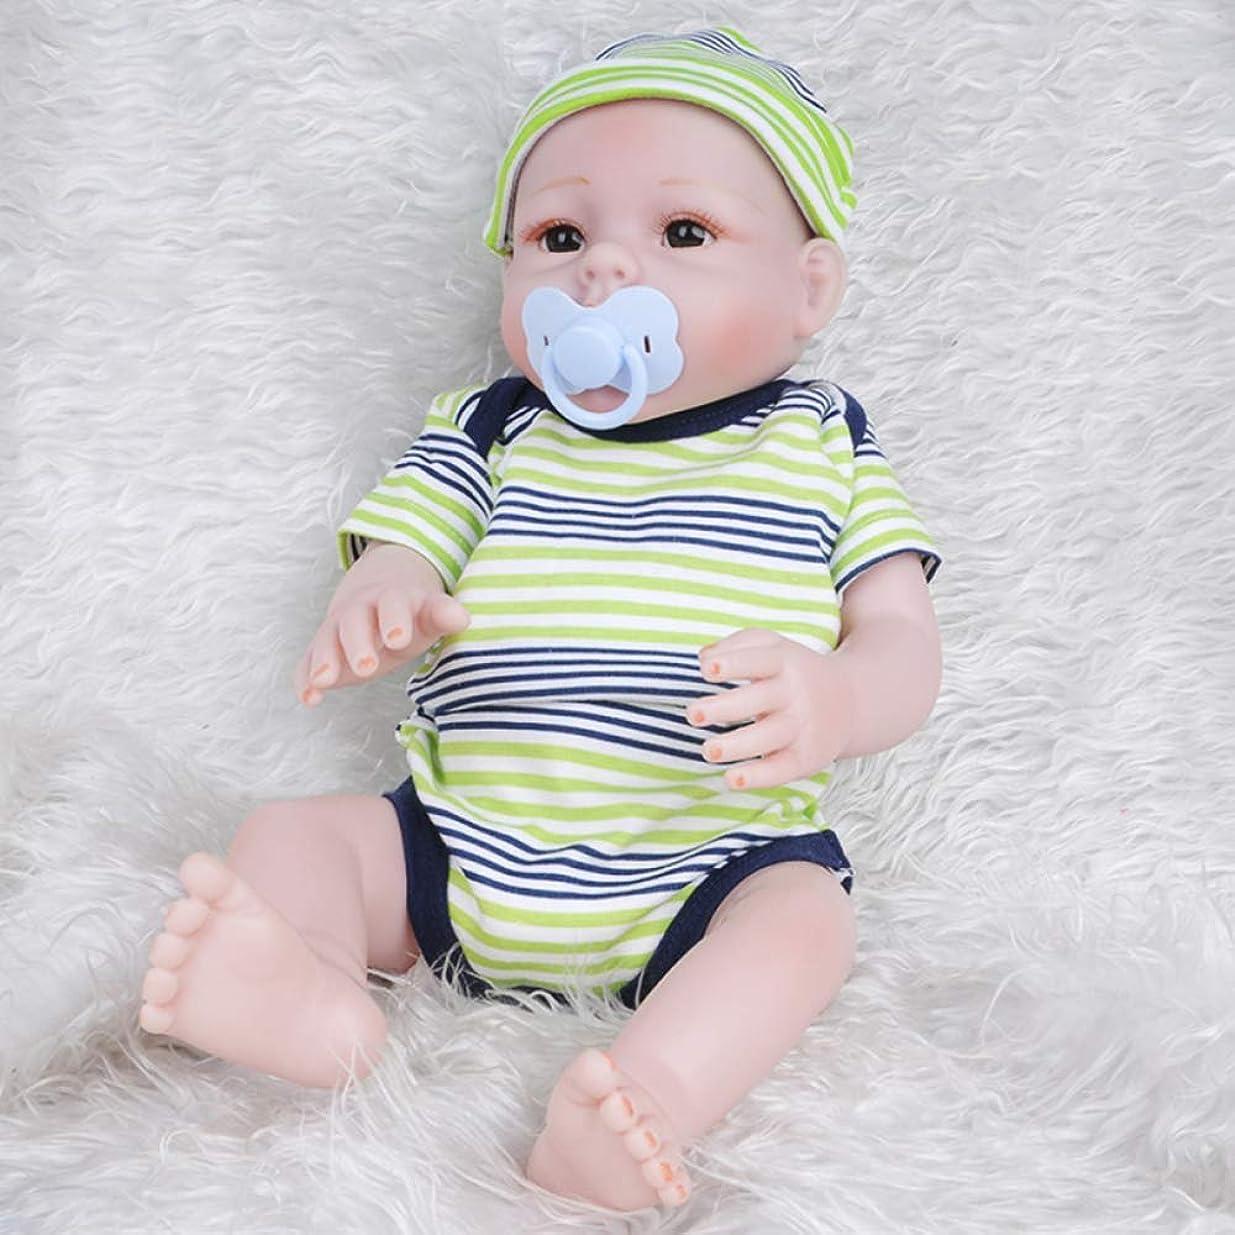 ライトニング証拠候補者生まれ変わった赤ちゃんの人形52cmベベリアルな人形生まれ変わった赤ちゃんの男の子の人形リアルなシリコーンソフトタッチ愛らしい本物の新生児のサイズかわいい赤ちゃんの重み